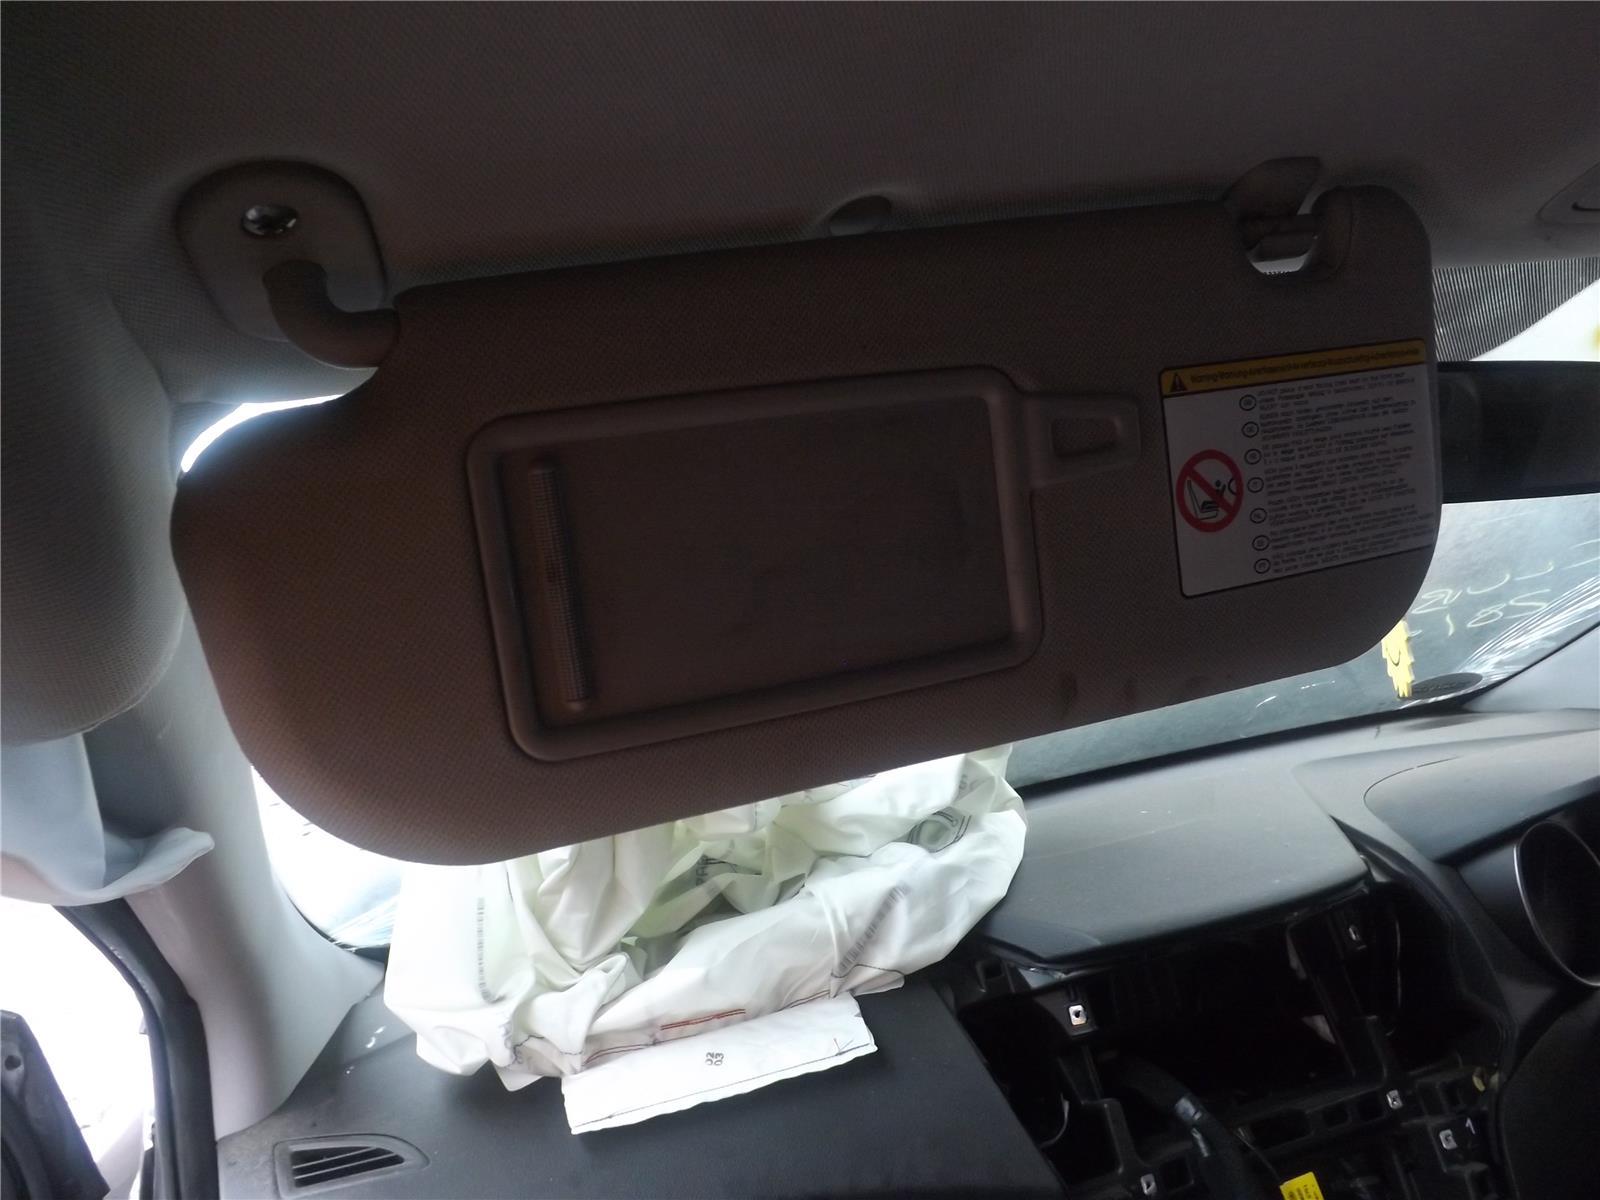 Hyundai i30 2012 To 2015 Sun Visor LH (Diesel   Manual) for sale ... d849701e795